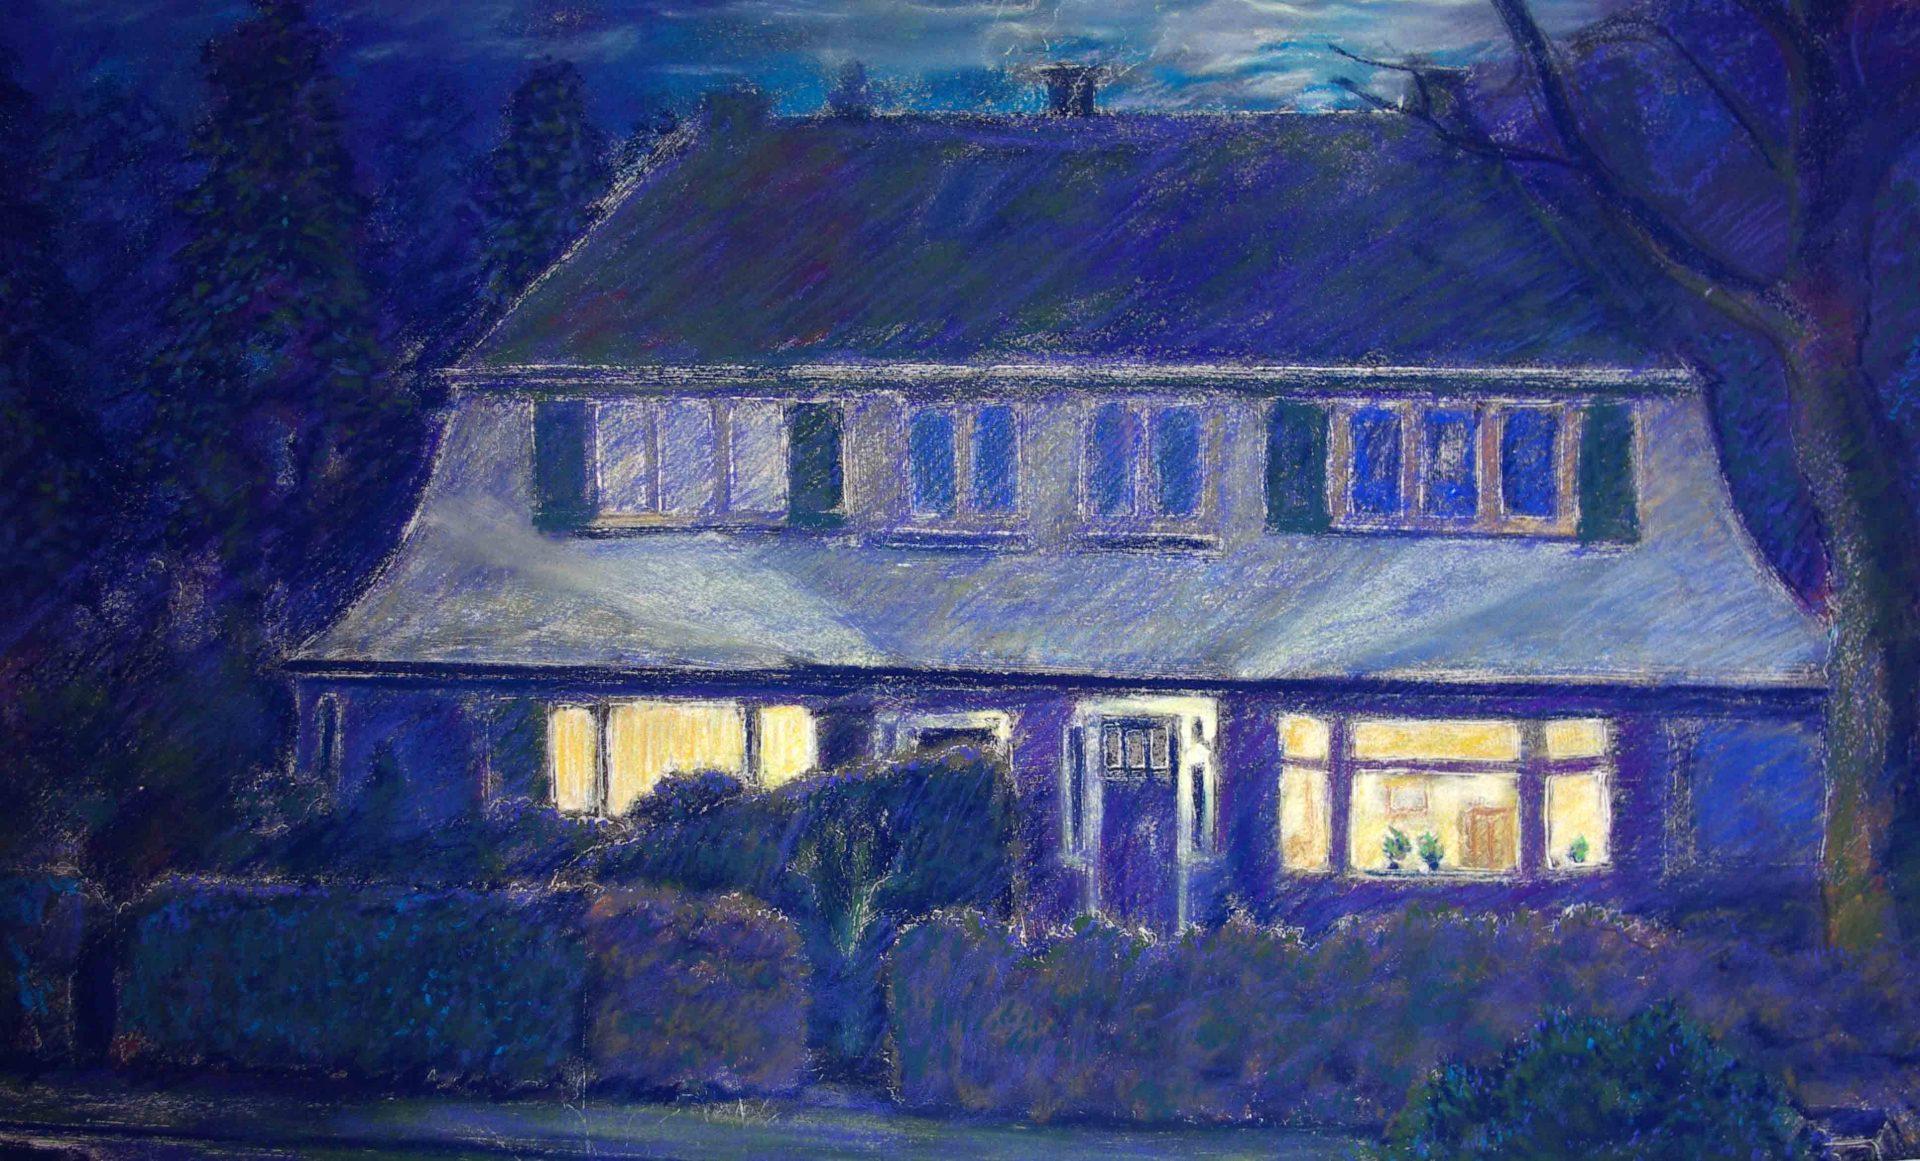 Huisportret in opdracht, avond schemering schilderij van woonhuis en tuin met bewoners , aandenken aan woonhuis,impressie in pastel